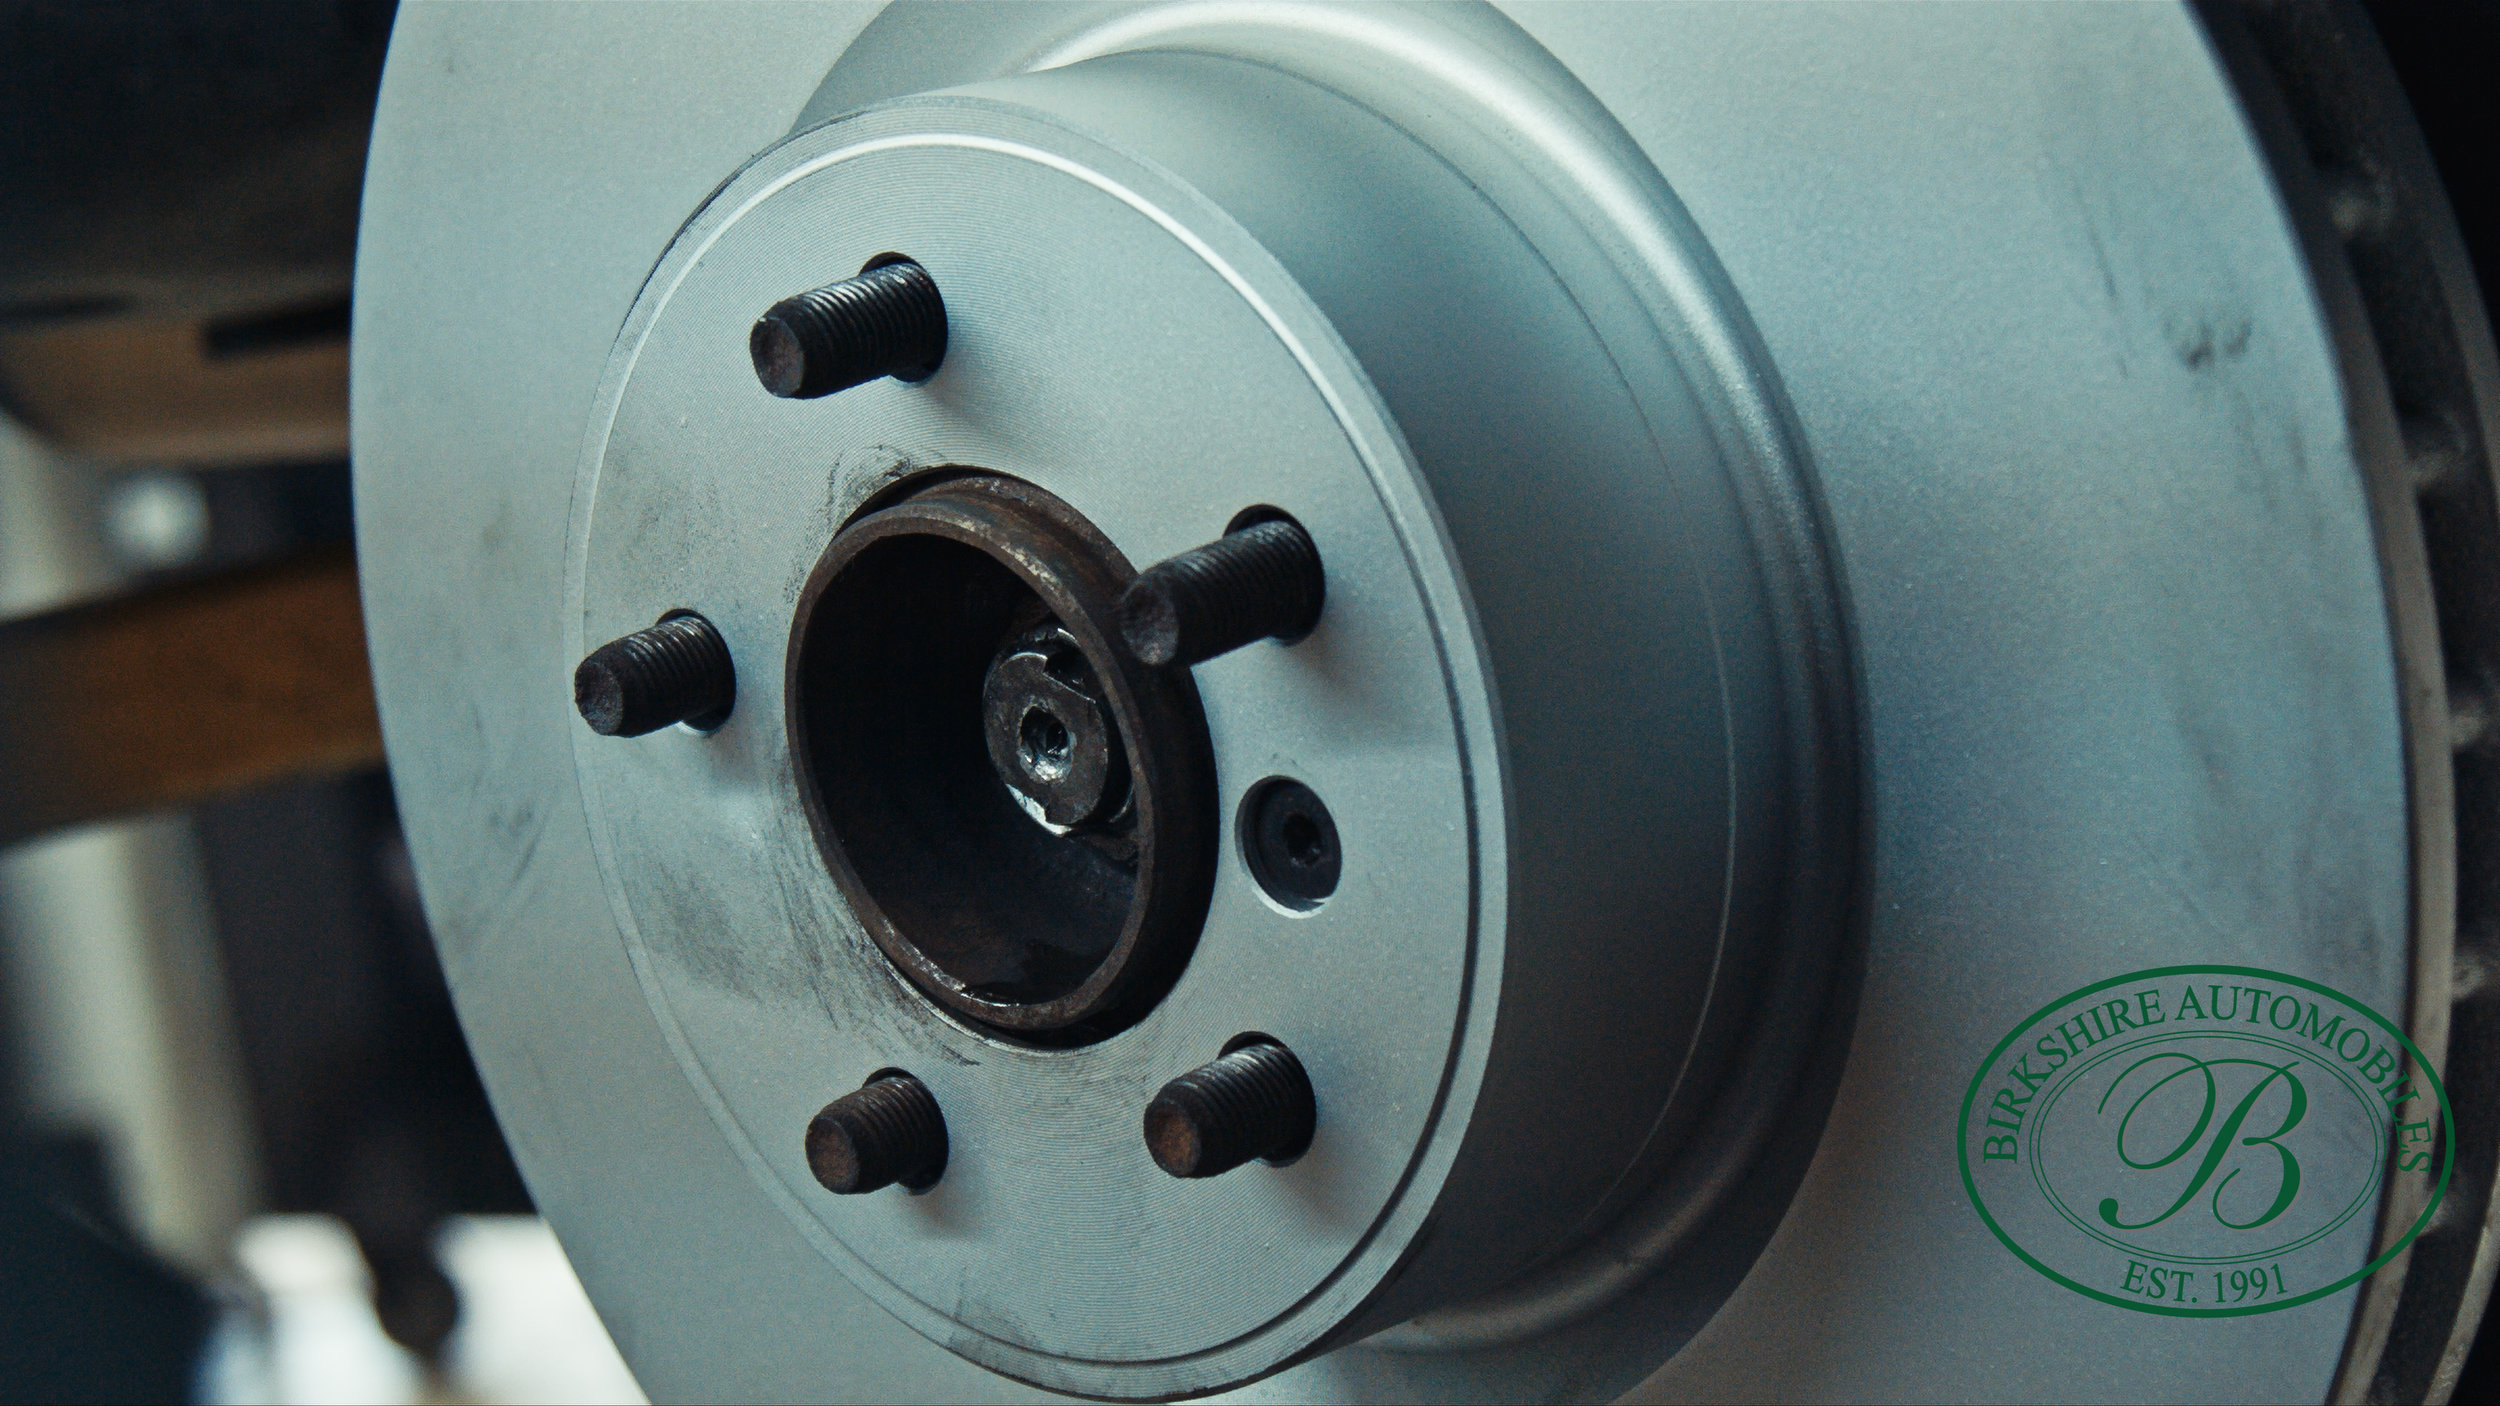 Birkshire Automobiles Garage-105.jpg